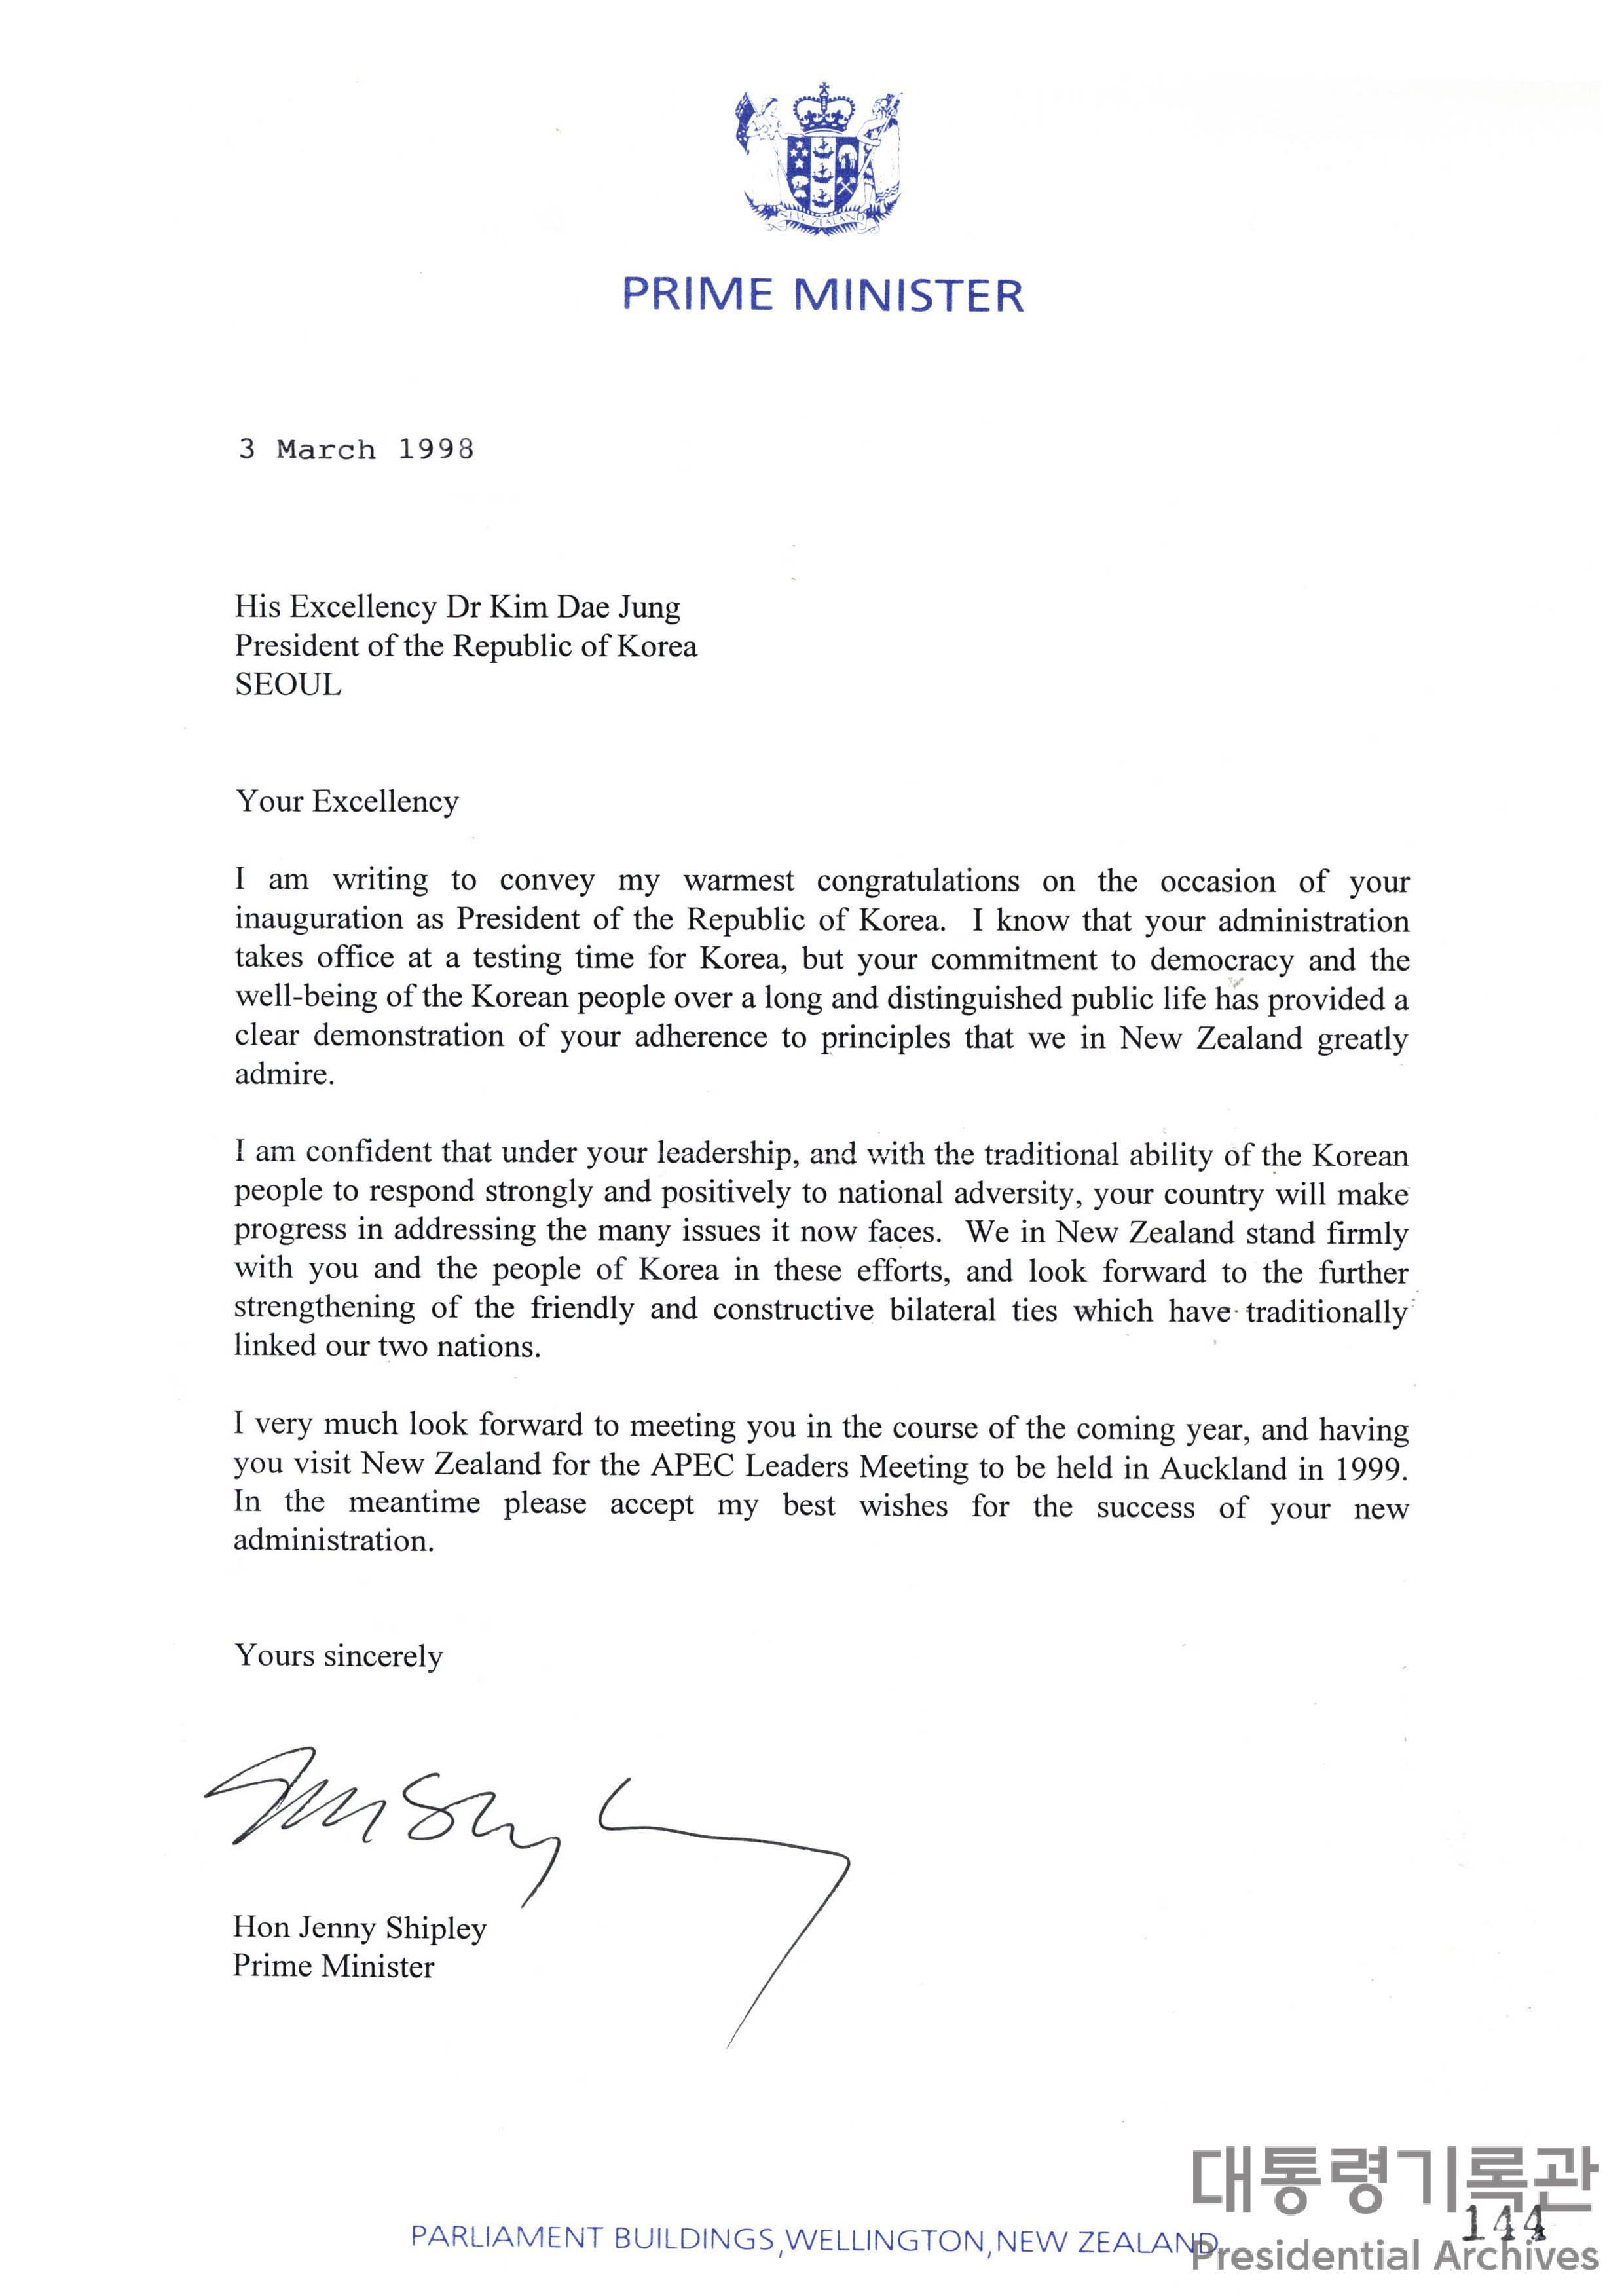 제니 스플리(Jenny Shipley) 뉴질랜드 총리의 취임축하 서한